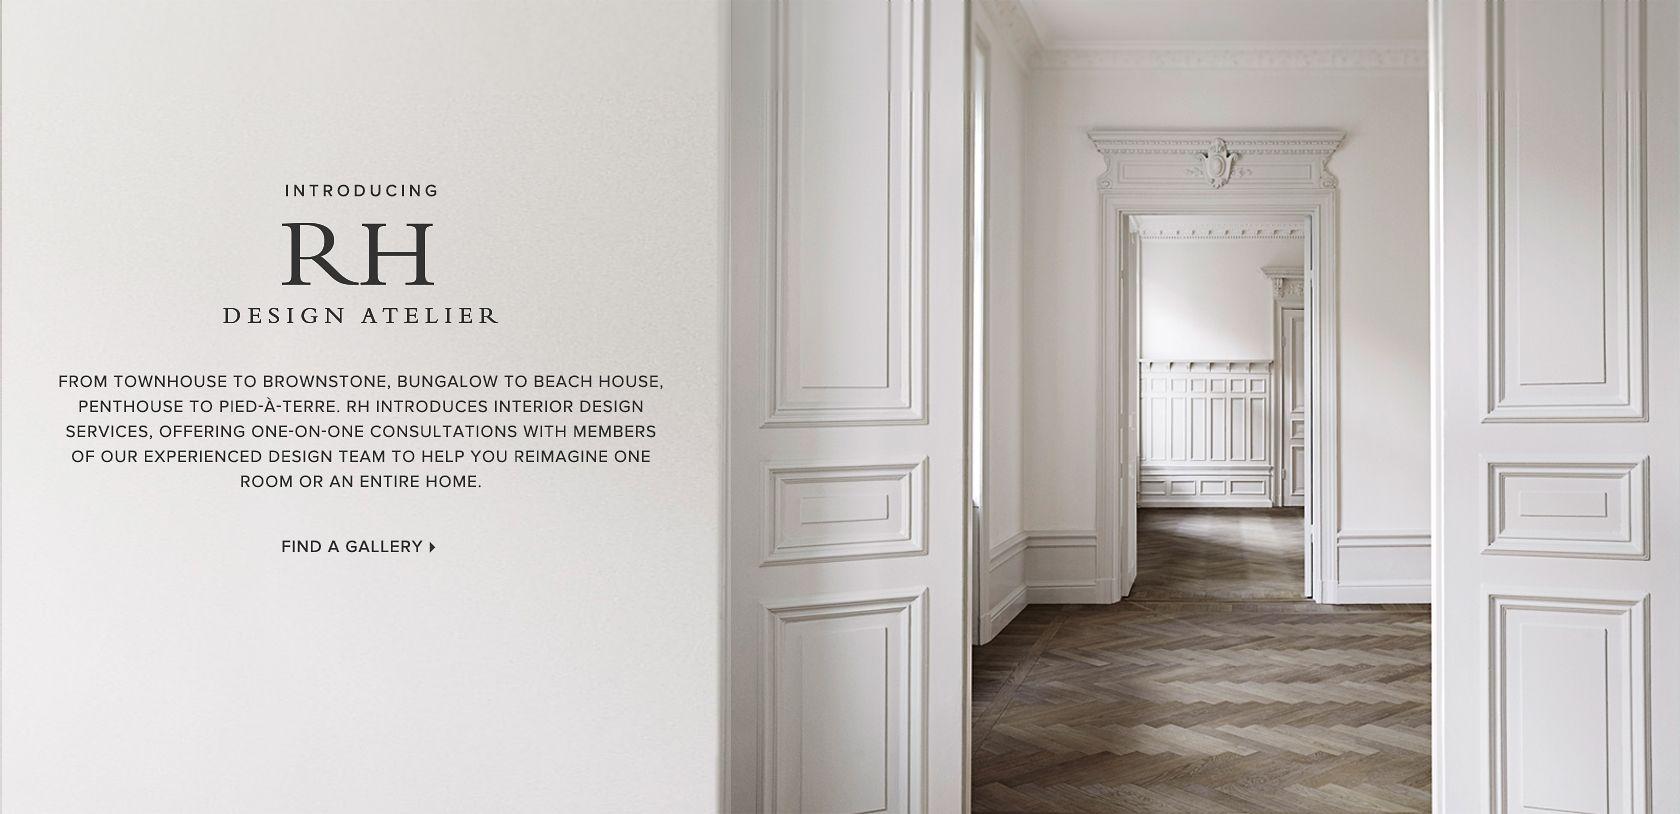 RH Design Ateliier